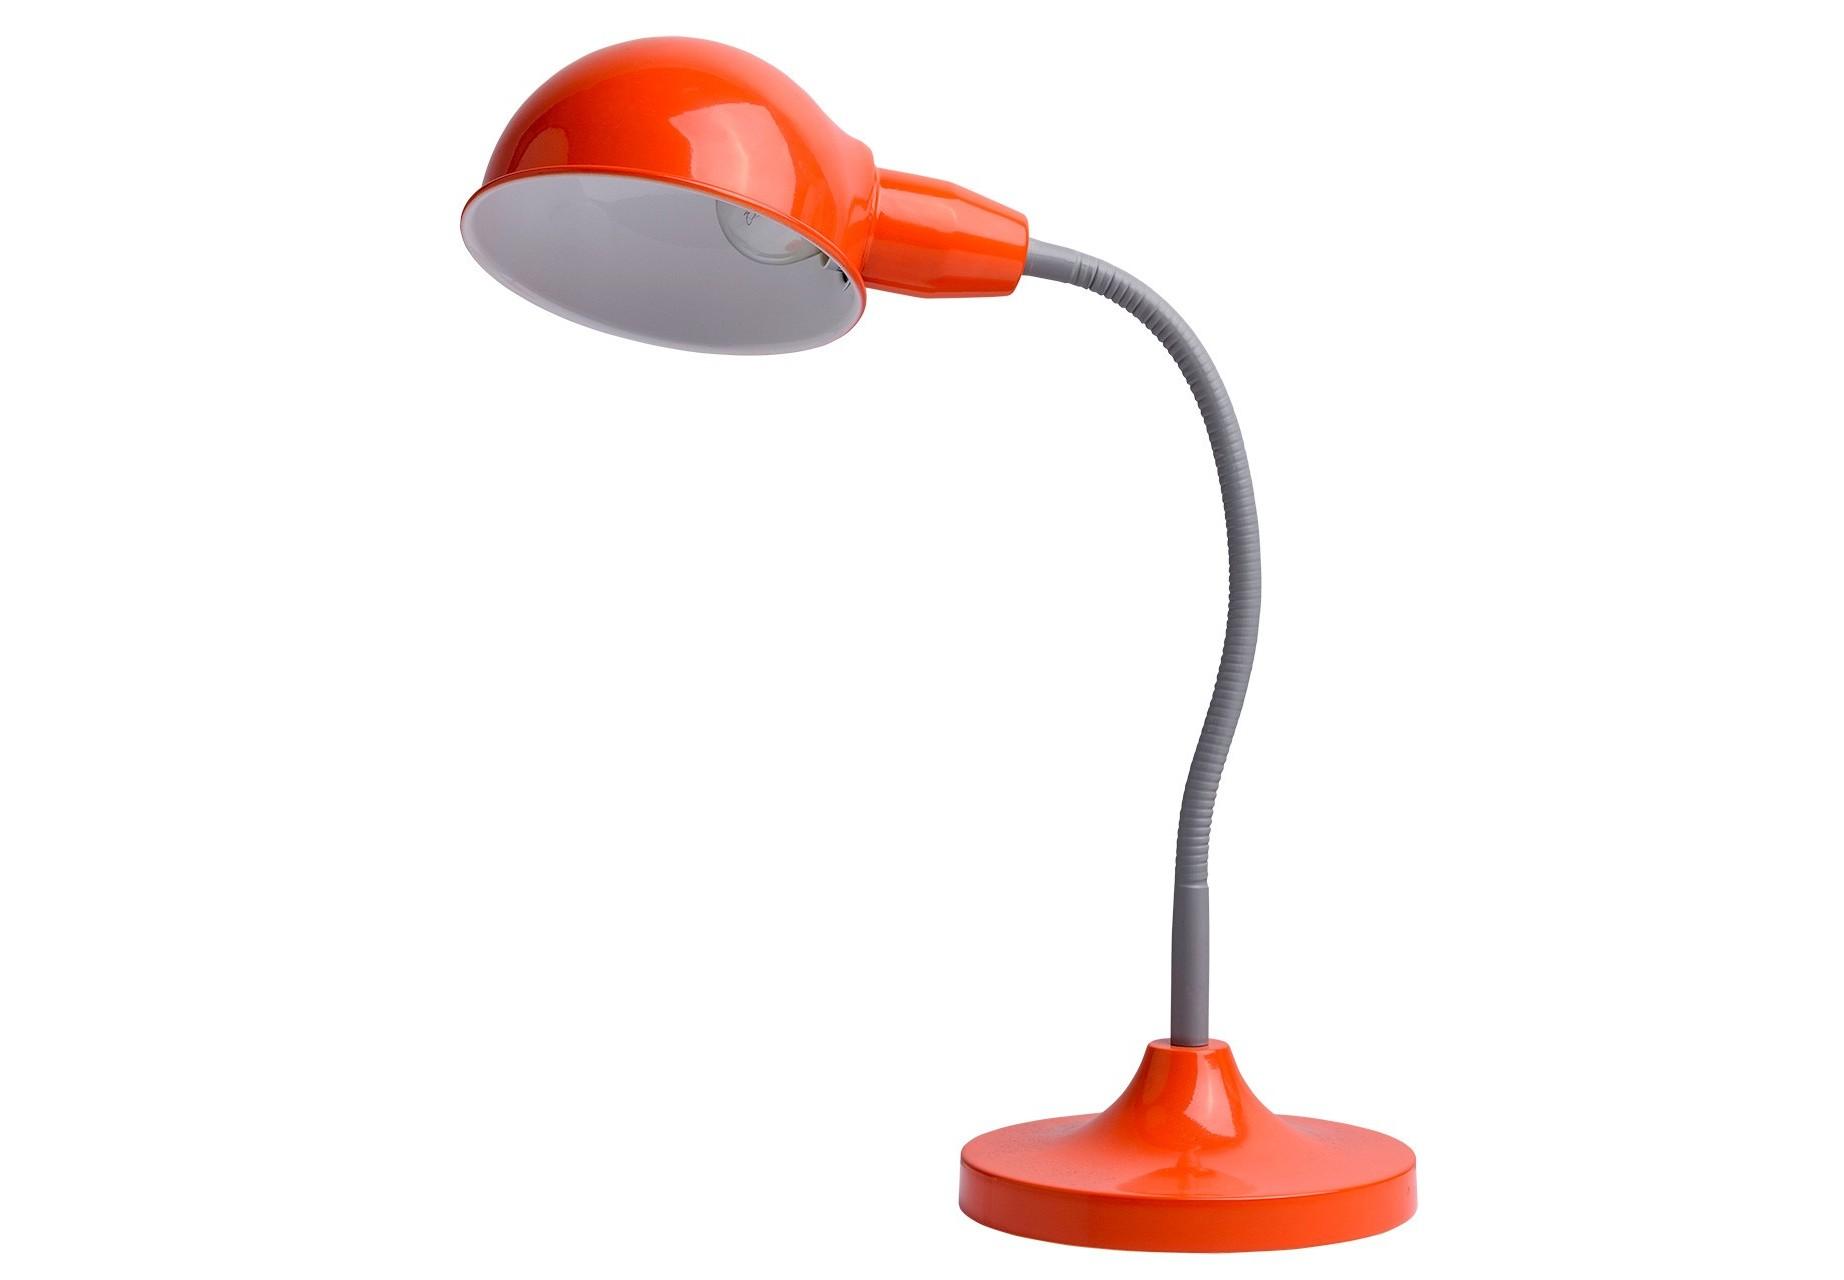 Настольная лампа РакурсНастольные лампы<br>Цоколь: E27,&amp;amp;nbsp;&amp;lt;div&amp;gt;Мощность лампы: 40W,&amp;amp;nbsp;&amp;lt;/div&amp;gt;&amp;lt;div&amp;gt;Количество ламп: 1&amp;amp;nbsp;&amp;lt;/div&amp;gt;&amp;lt;div&amp;gt;Без лампочек в комплекте.&amp;lt;/div&amp;gt;<br><br>Material: Металл<br>Width см: 35<br>Depth см: 30<br>Height см: 45